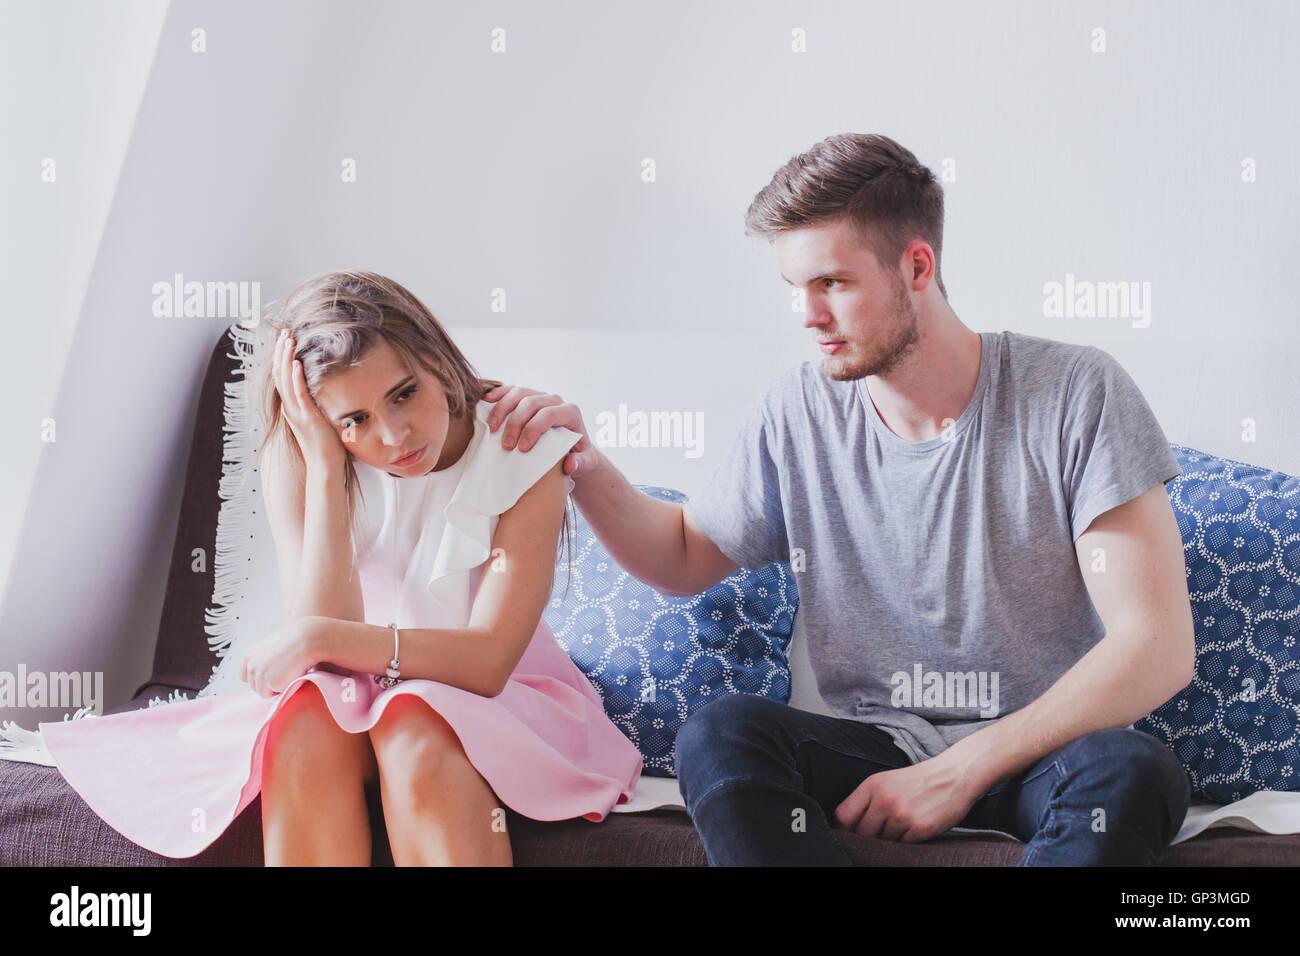 La compassion ou s'excuser, de soutien psychologique en situation difficile, jeune famille, triste déprimé Photo Stock